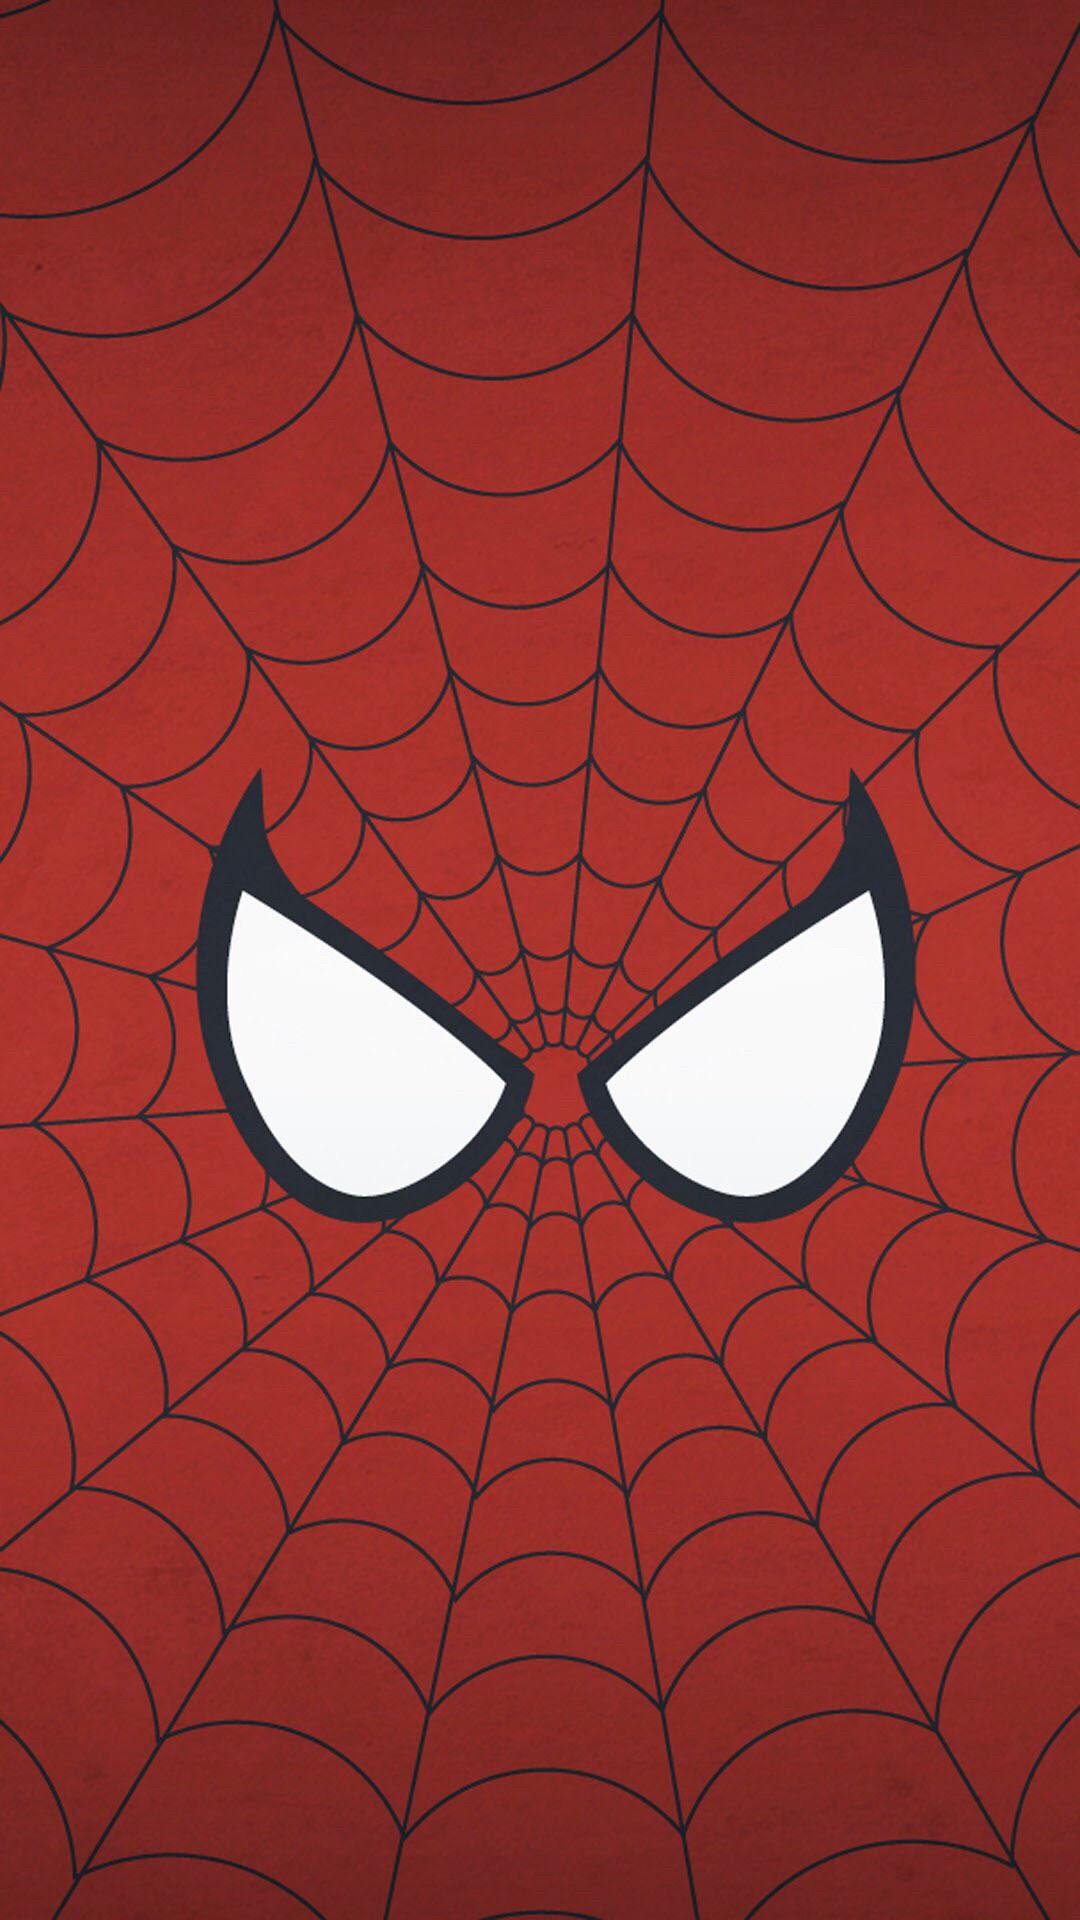 Spiderman Logo Wallpaper ·①